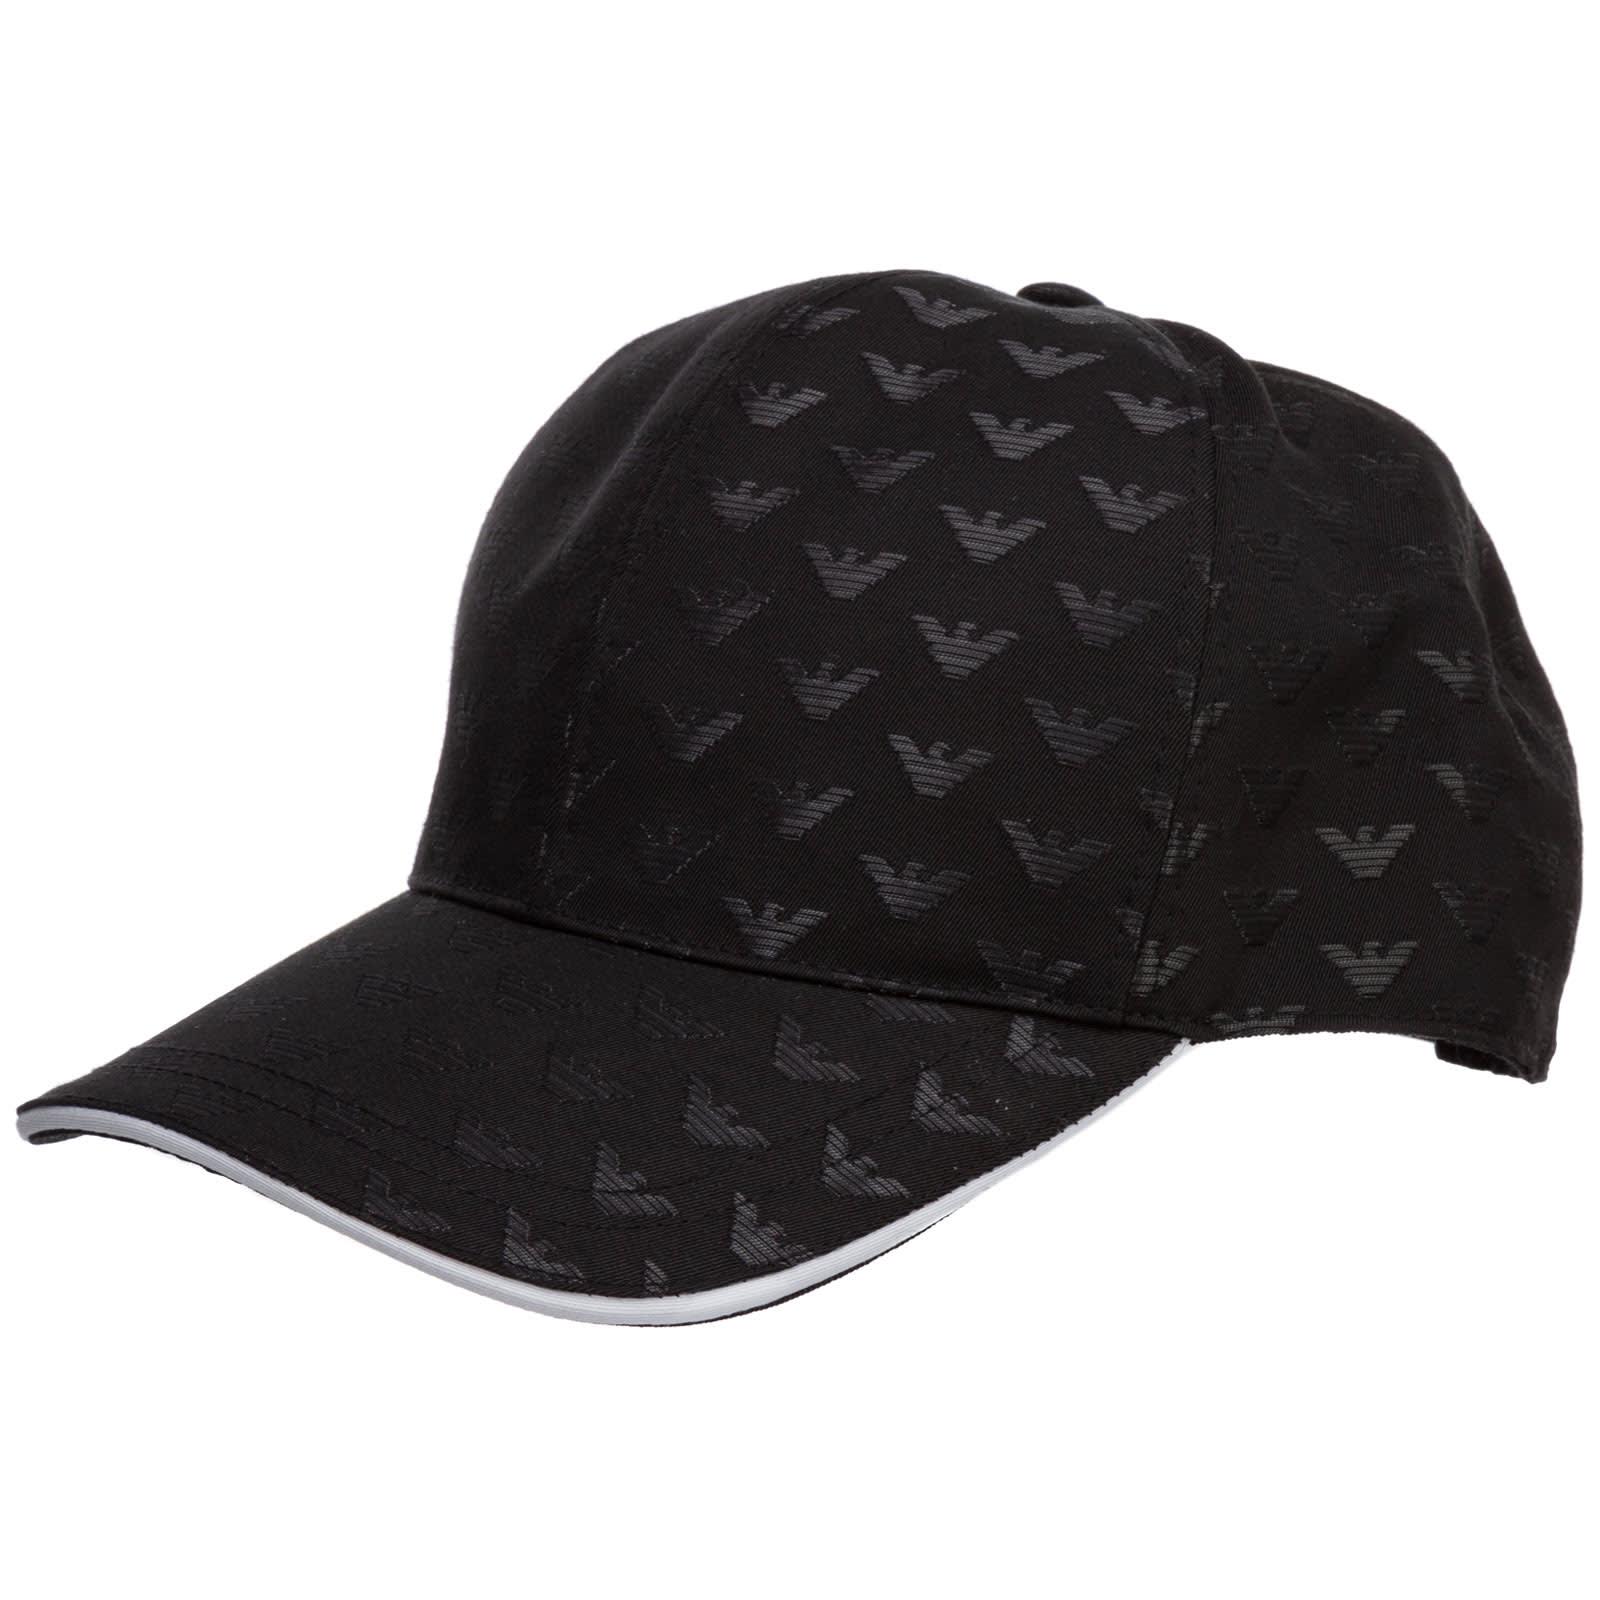 Emporio Armani CROSS BASEBALL CAP